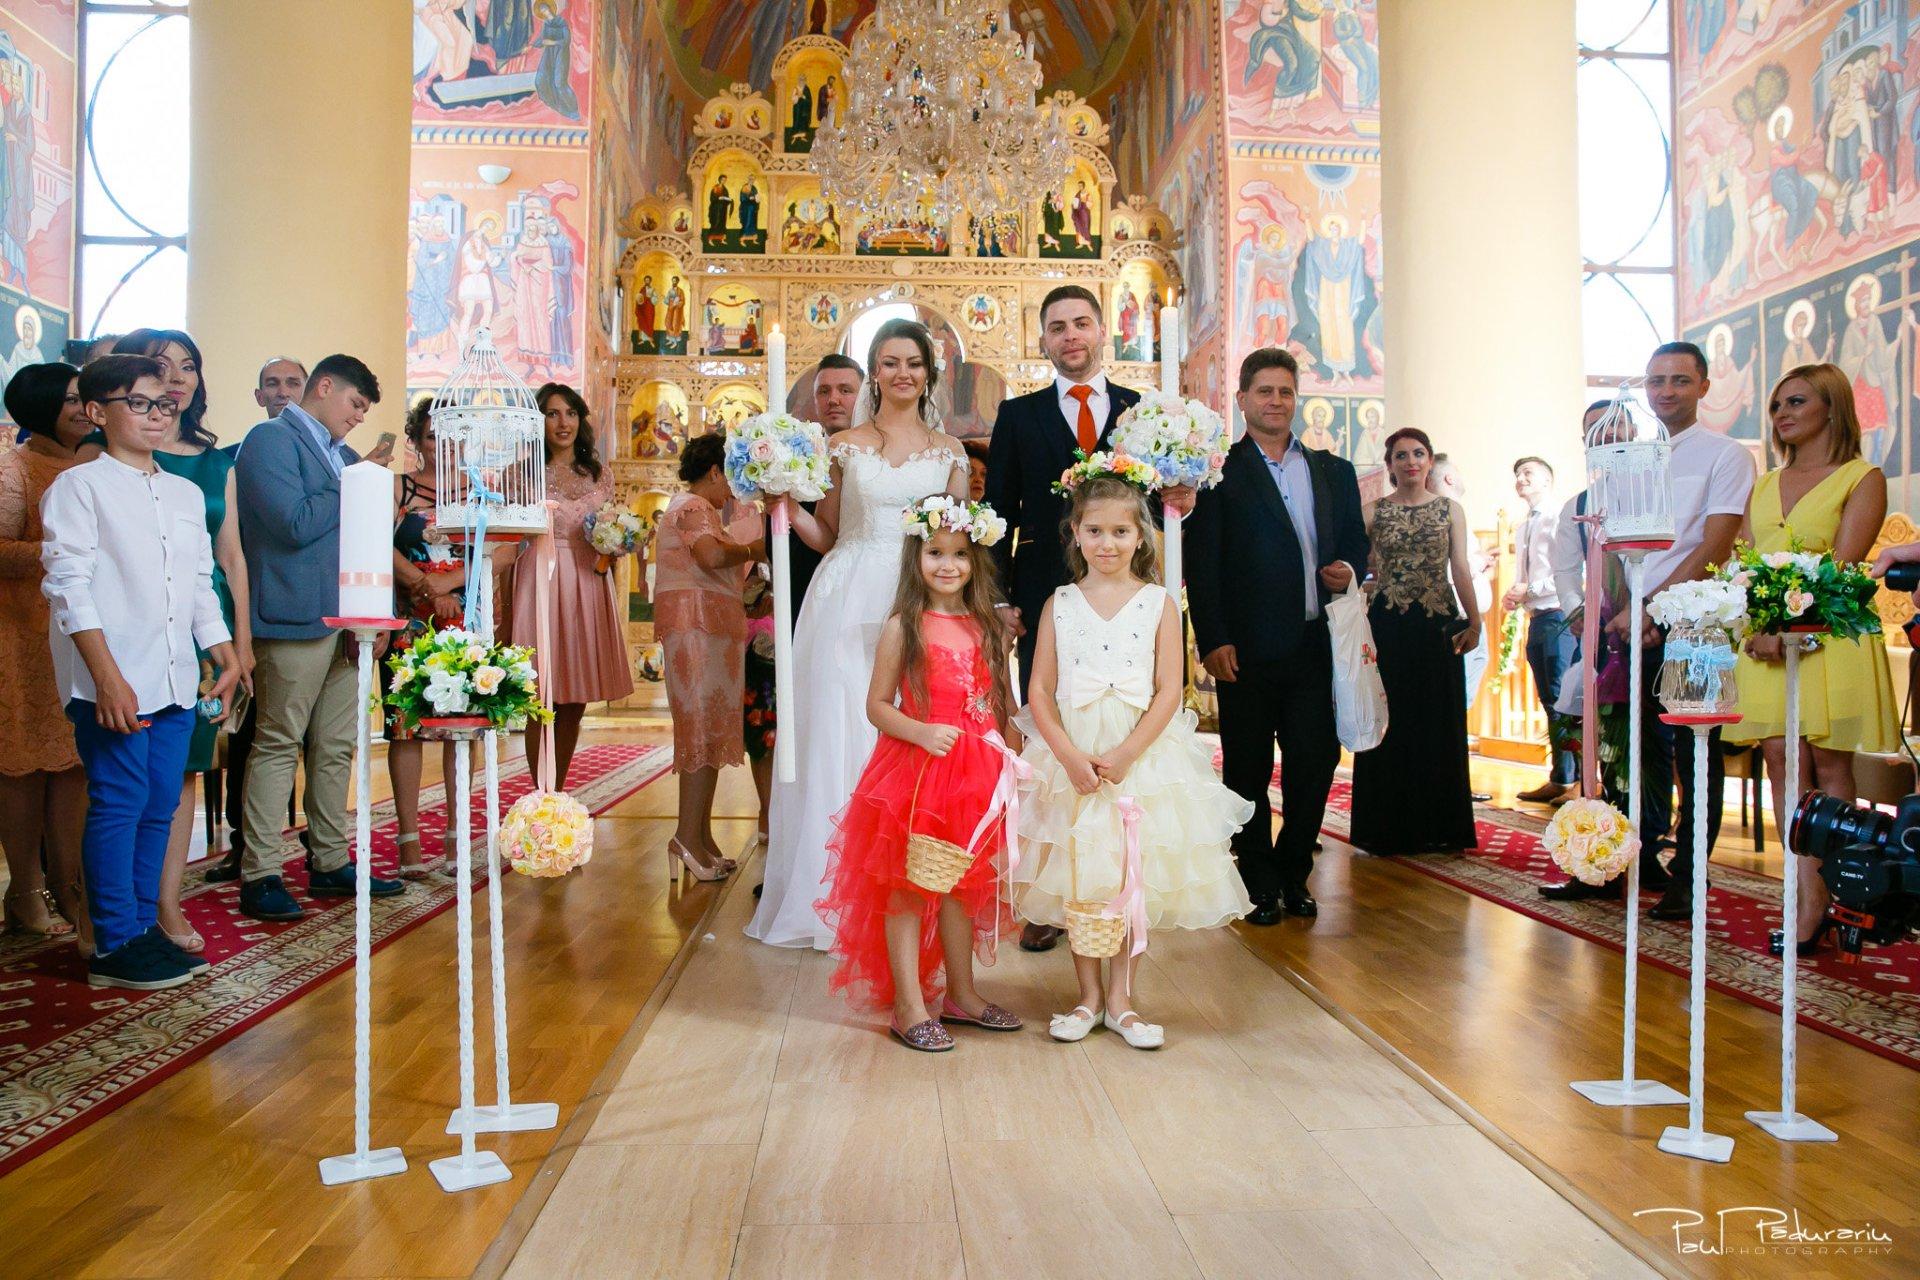 Adriana si Iulian iesirea din Biserica Sfântul Prooroc Daniel - fotograf profesionist Iasi www.paulpadurariu.ro © 2017 Paul Padurariu